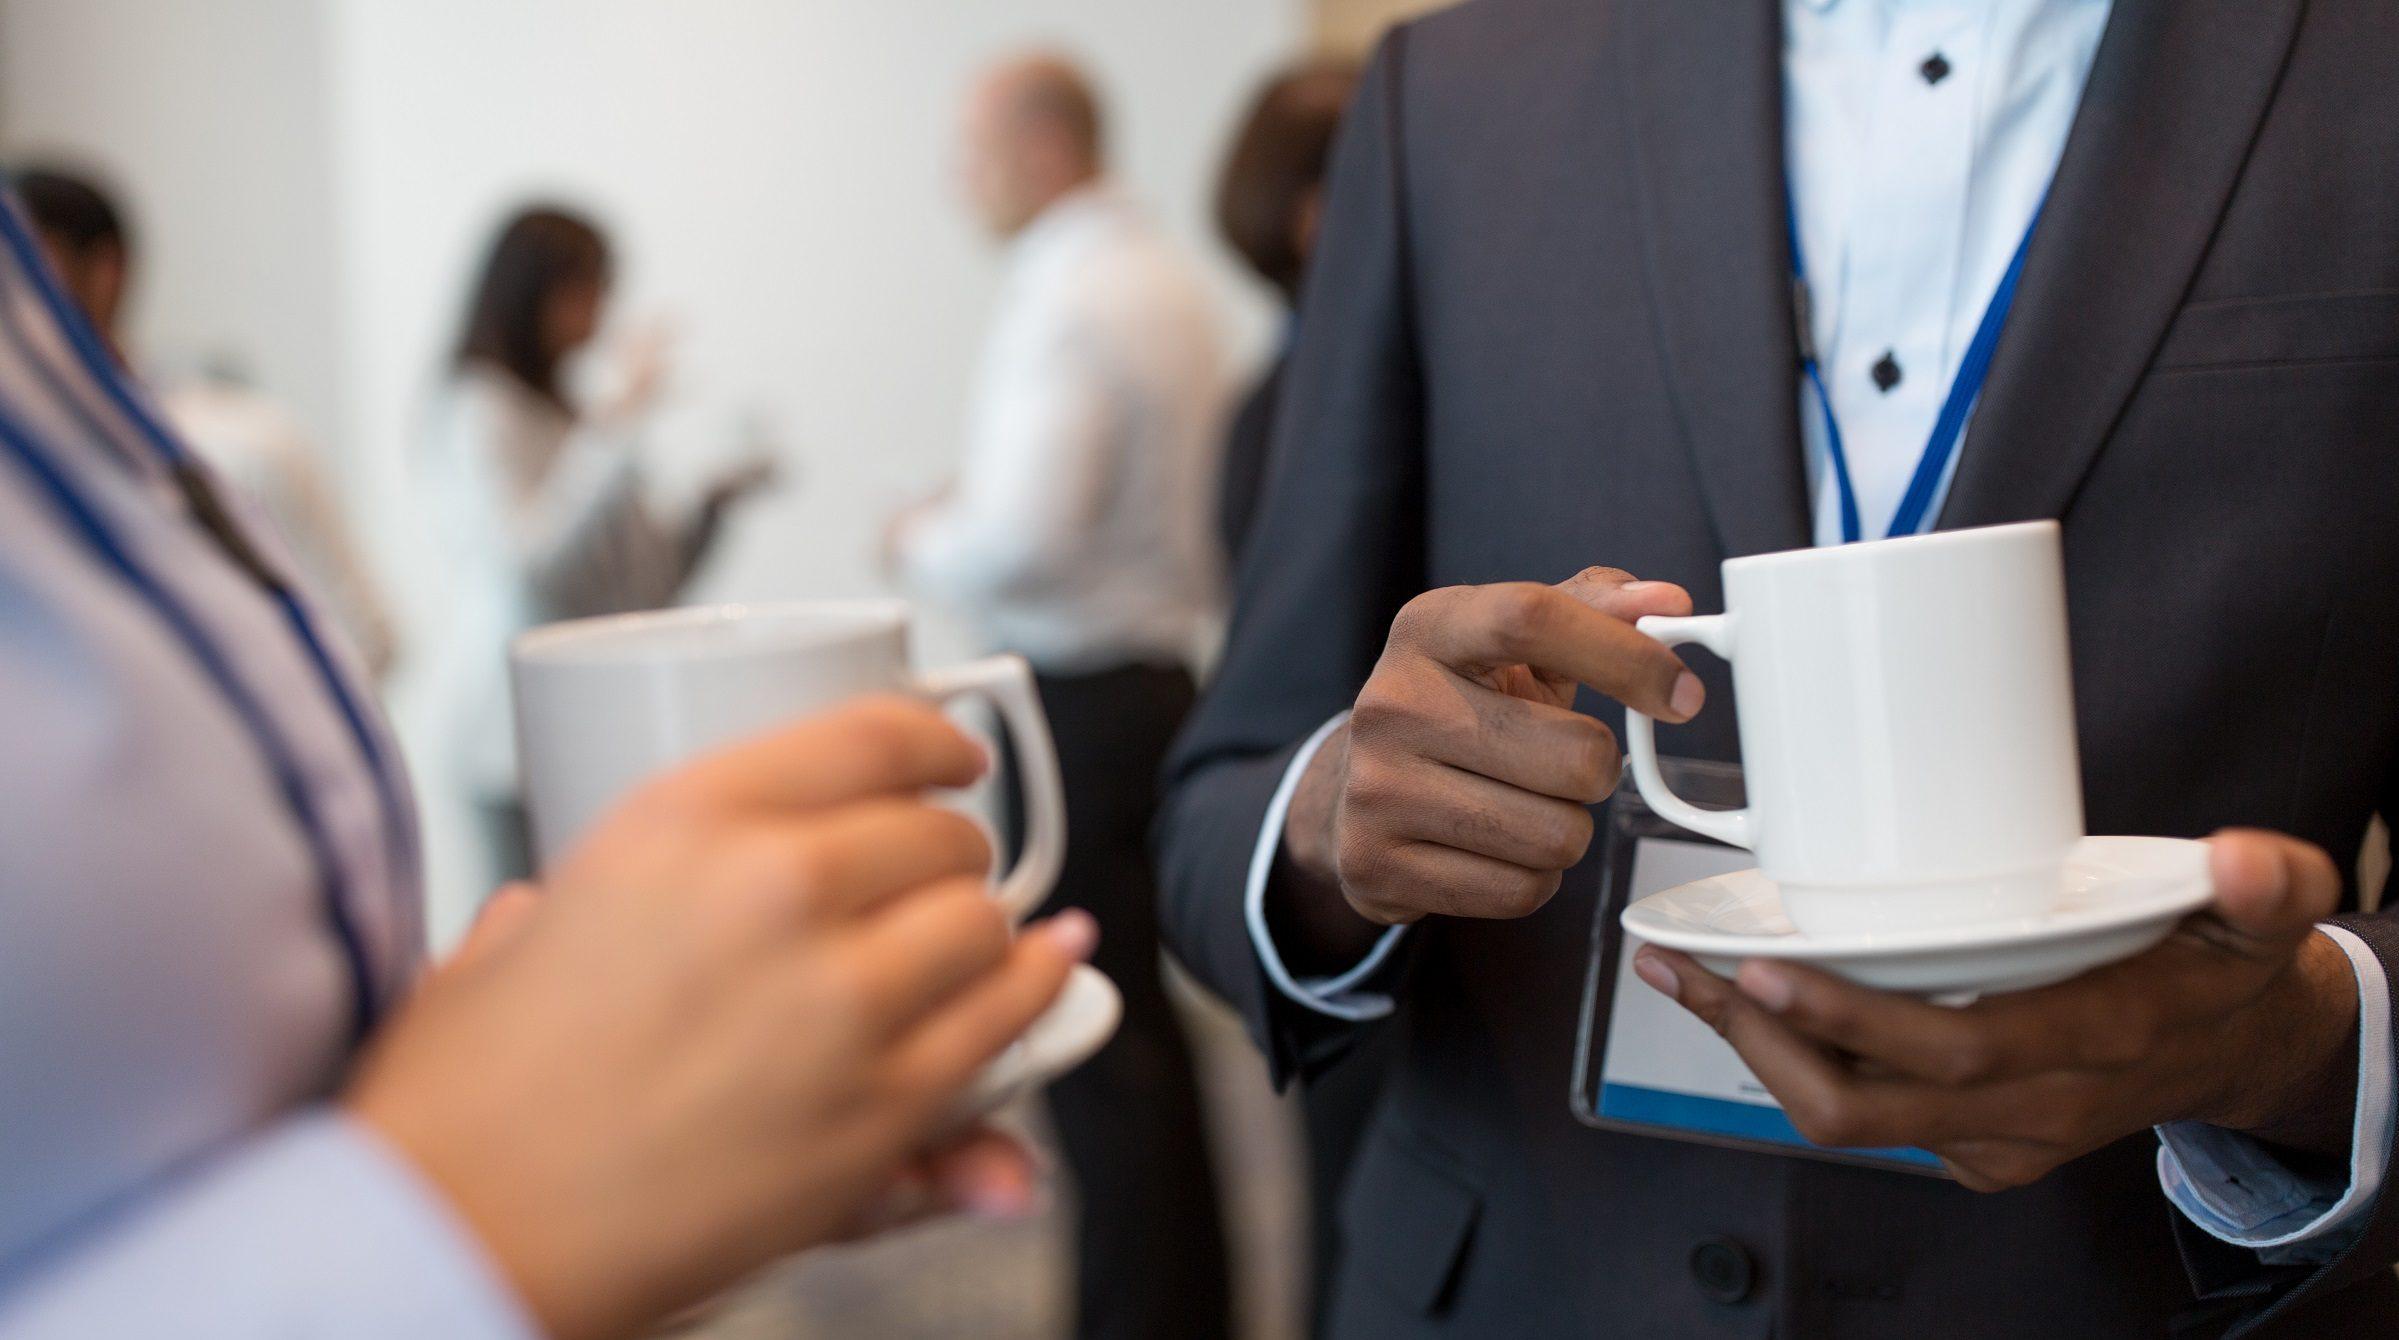 Konferensdeltagare dricker kaffe